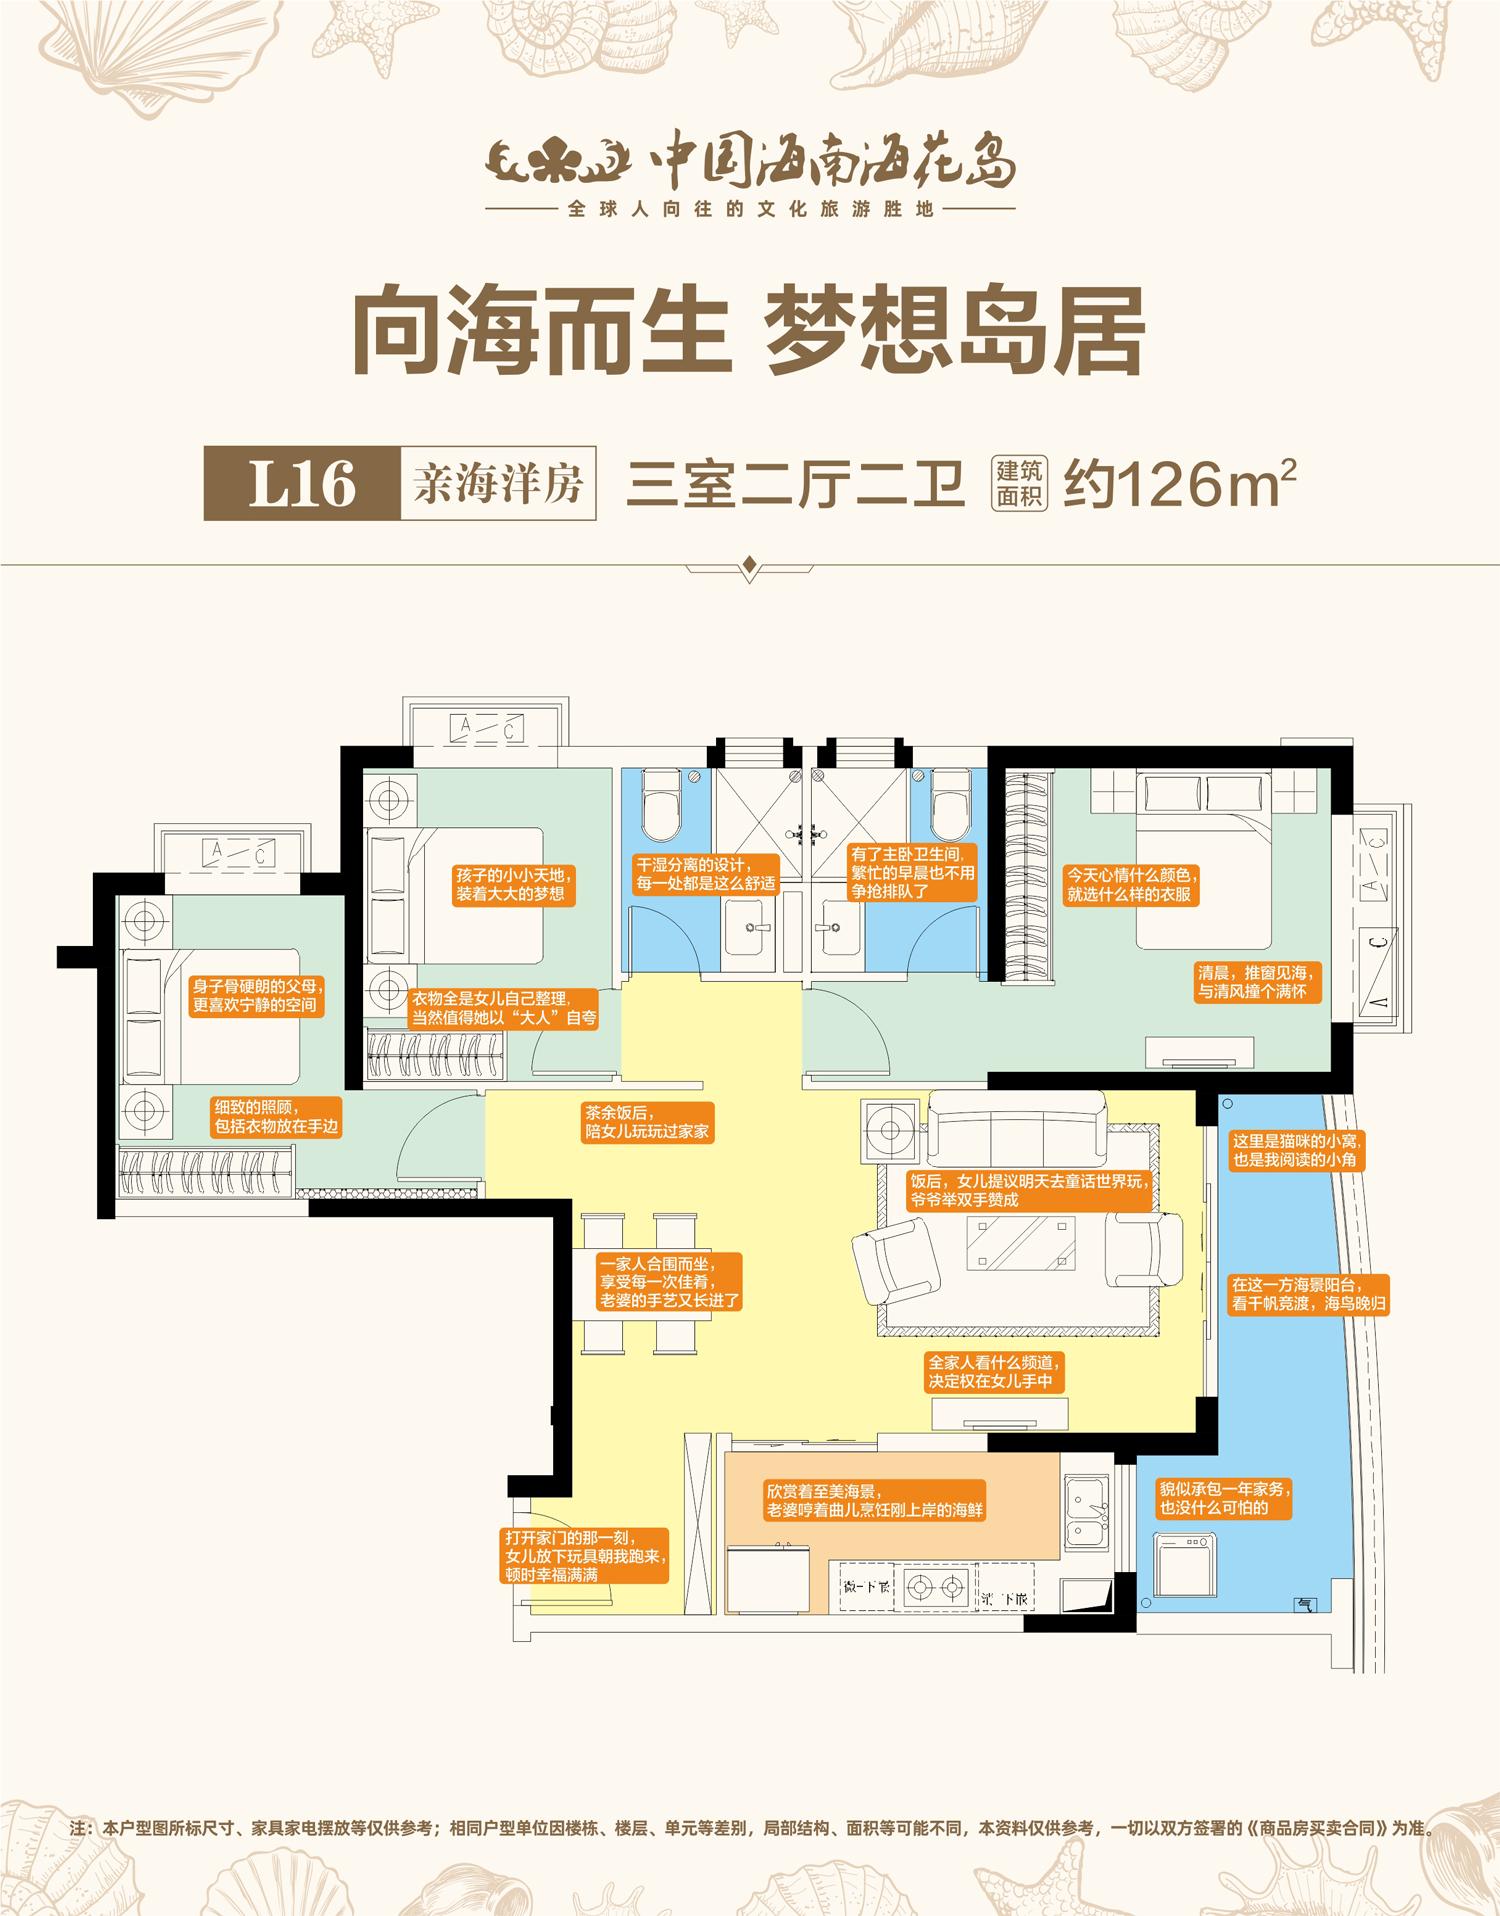 L16亲海洋房 3室2厅2卫 建面约126㎡